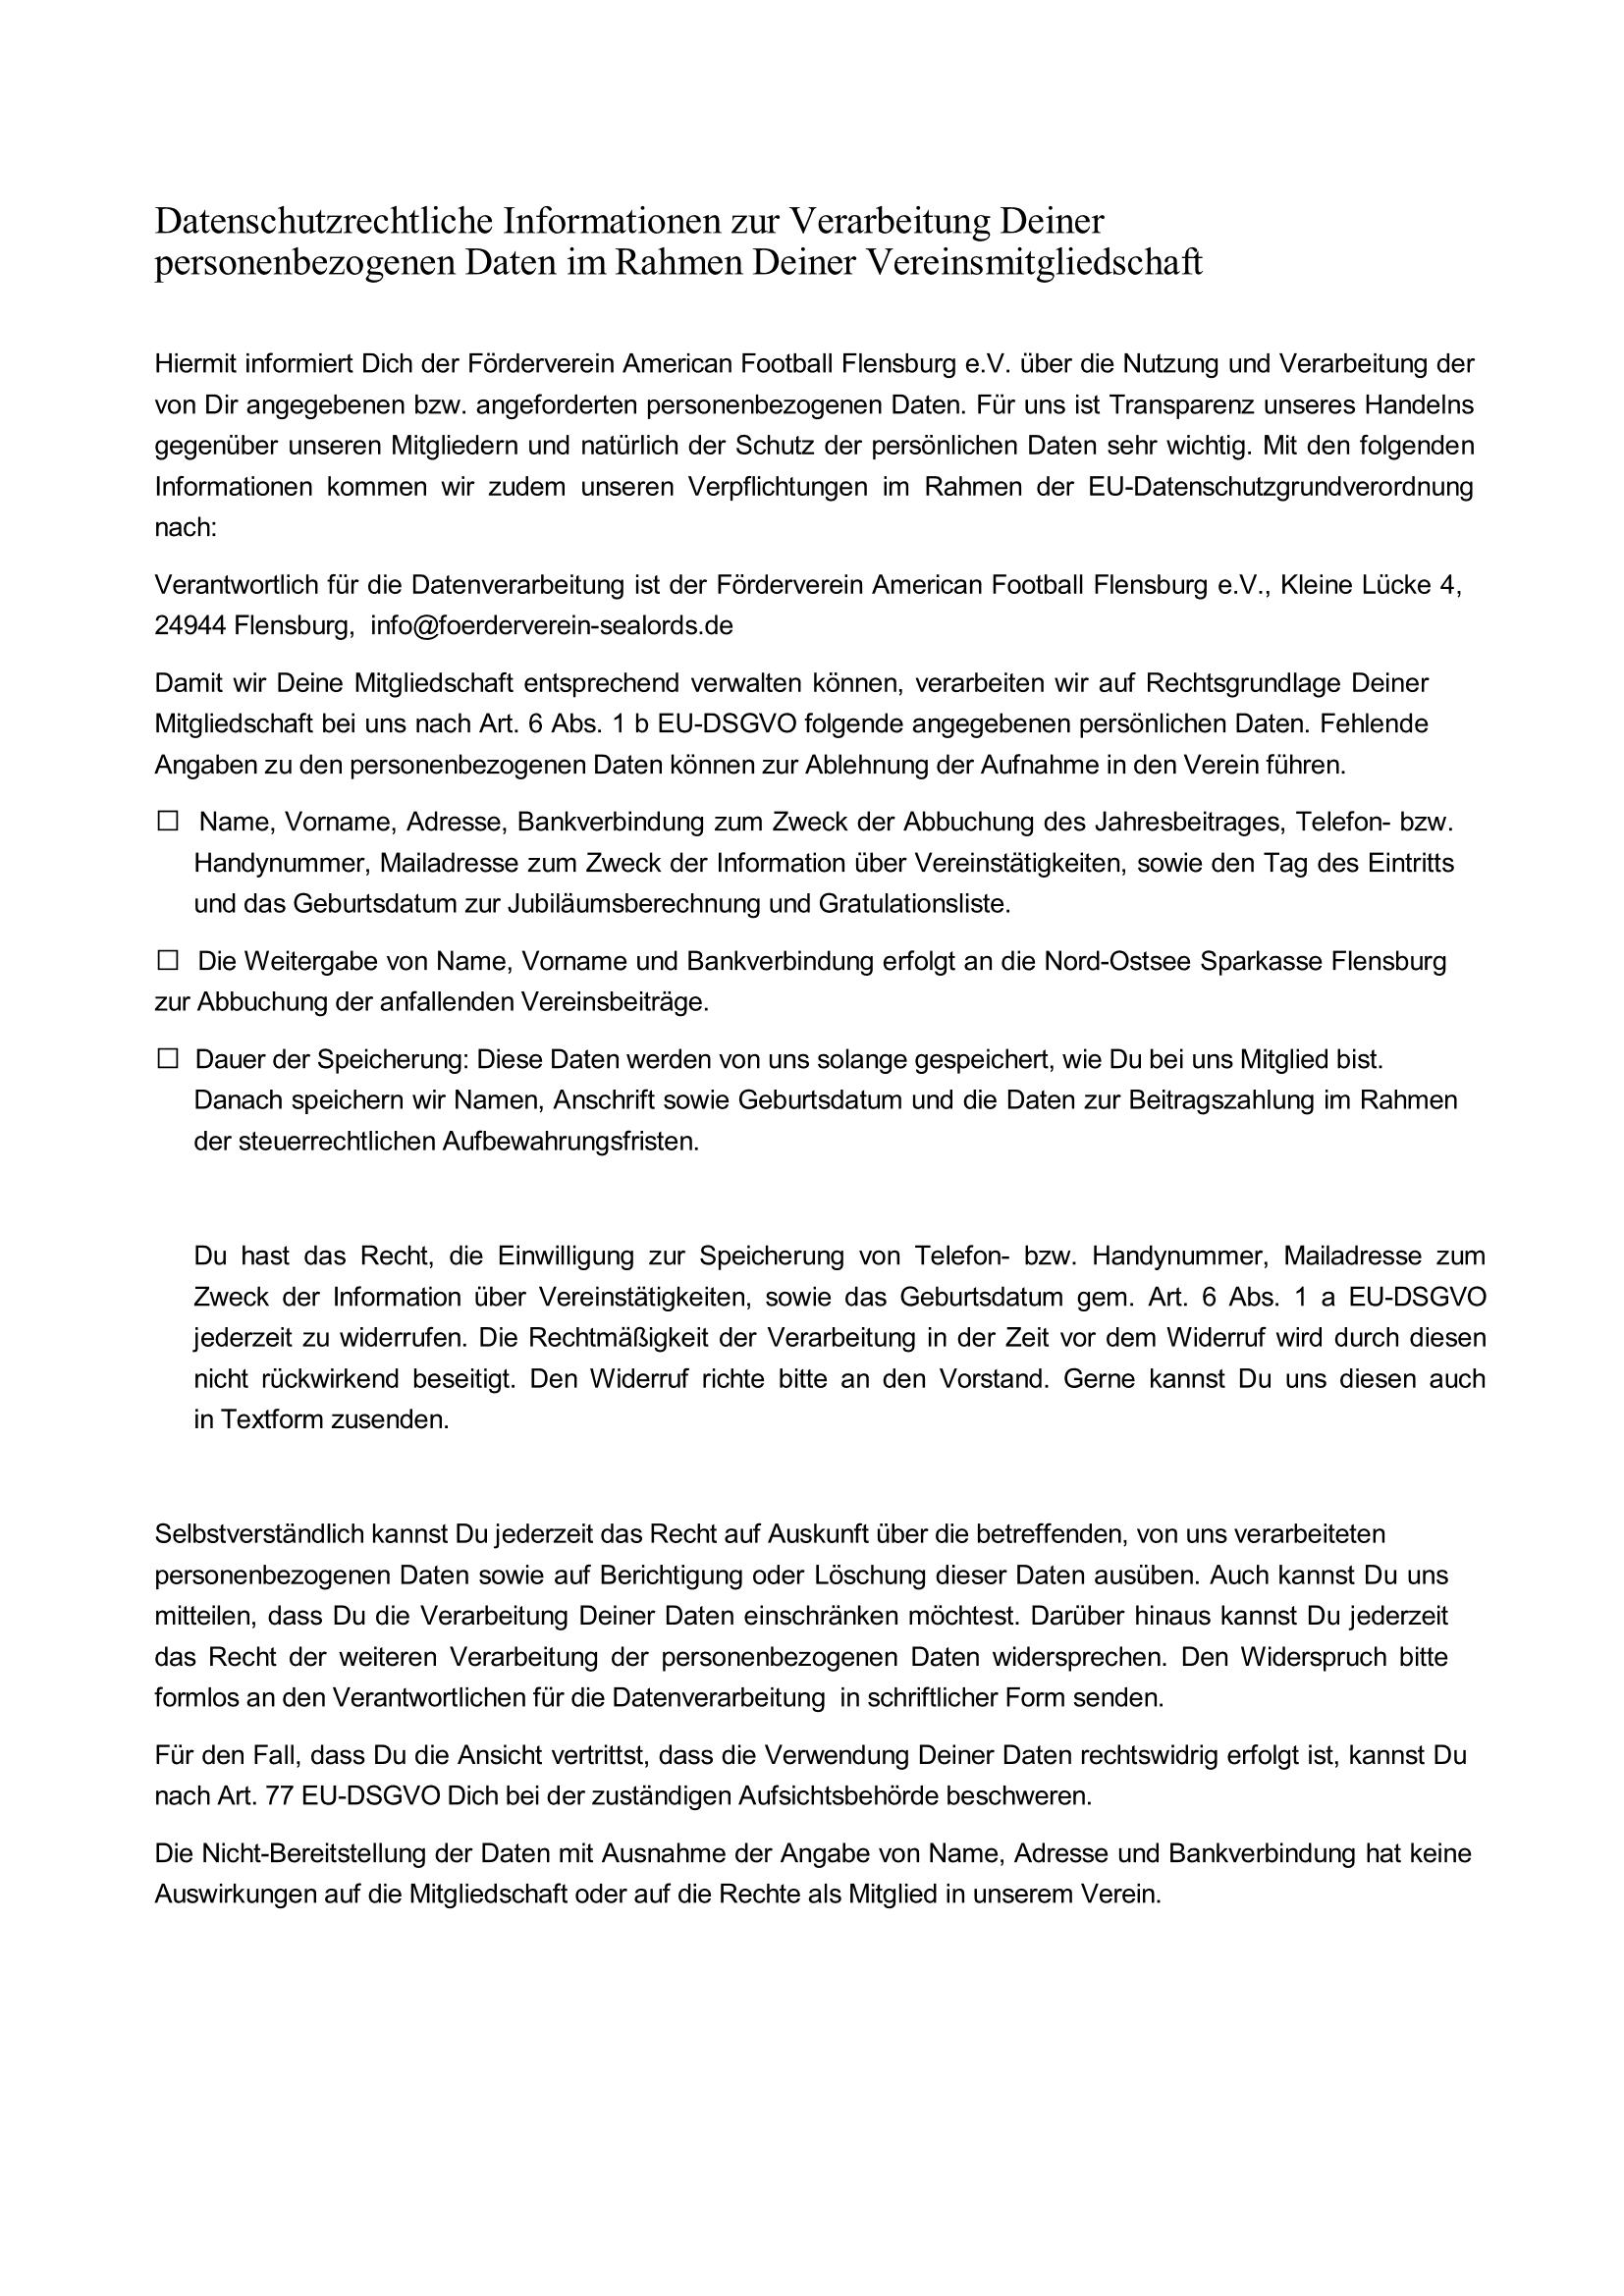 InfoblattDatenschutz_Page_1